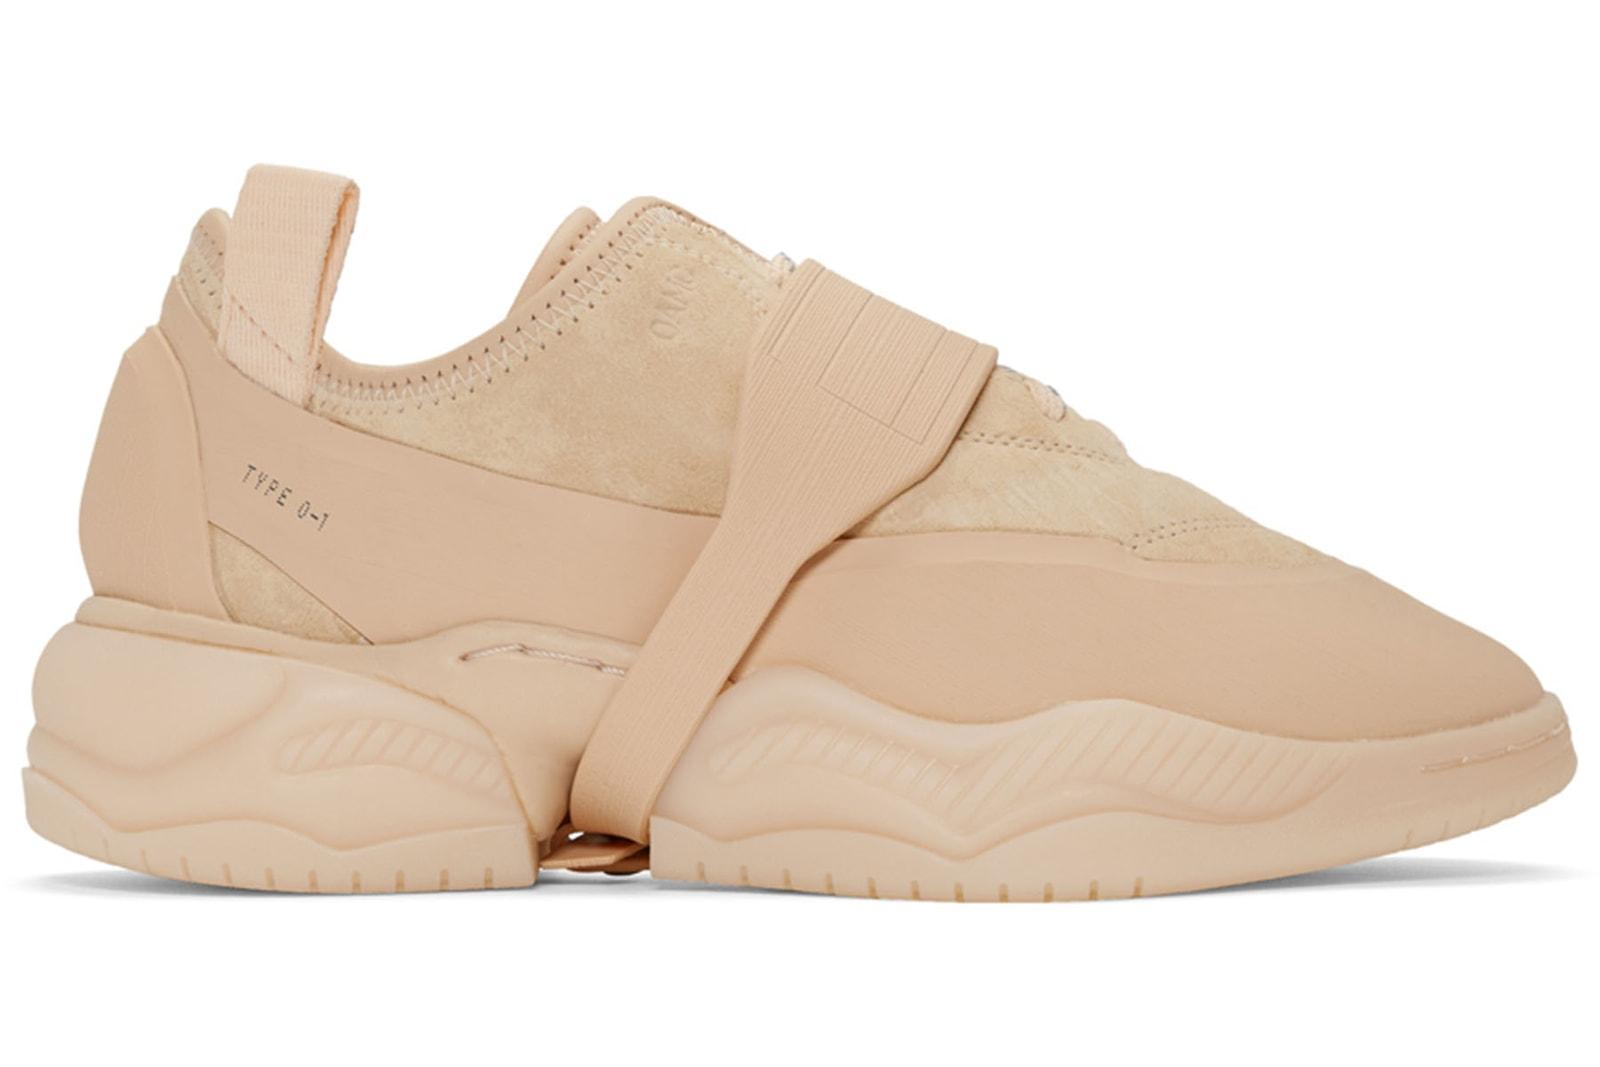 今冬の狙い目セールスニーカー 7 選 Nike Gyakusou Balenciaga VETEMENTS Reebok OAMC adidas Originals Prada Cloudbust adidas Originals x Pharrell Williams Off-White™️ Odsy-1000